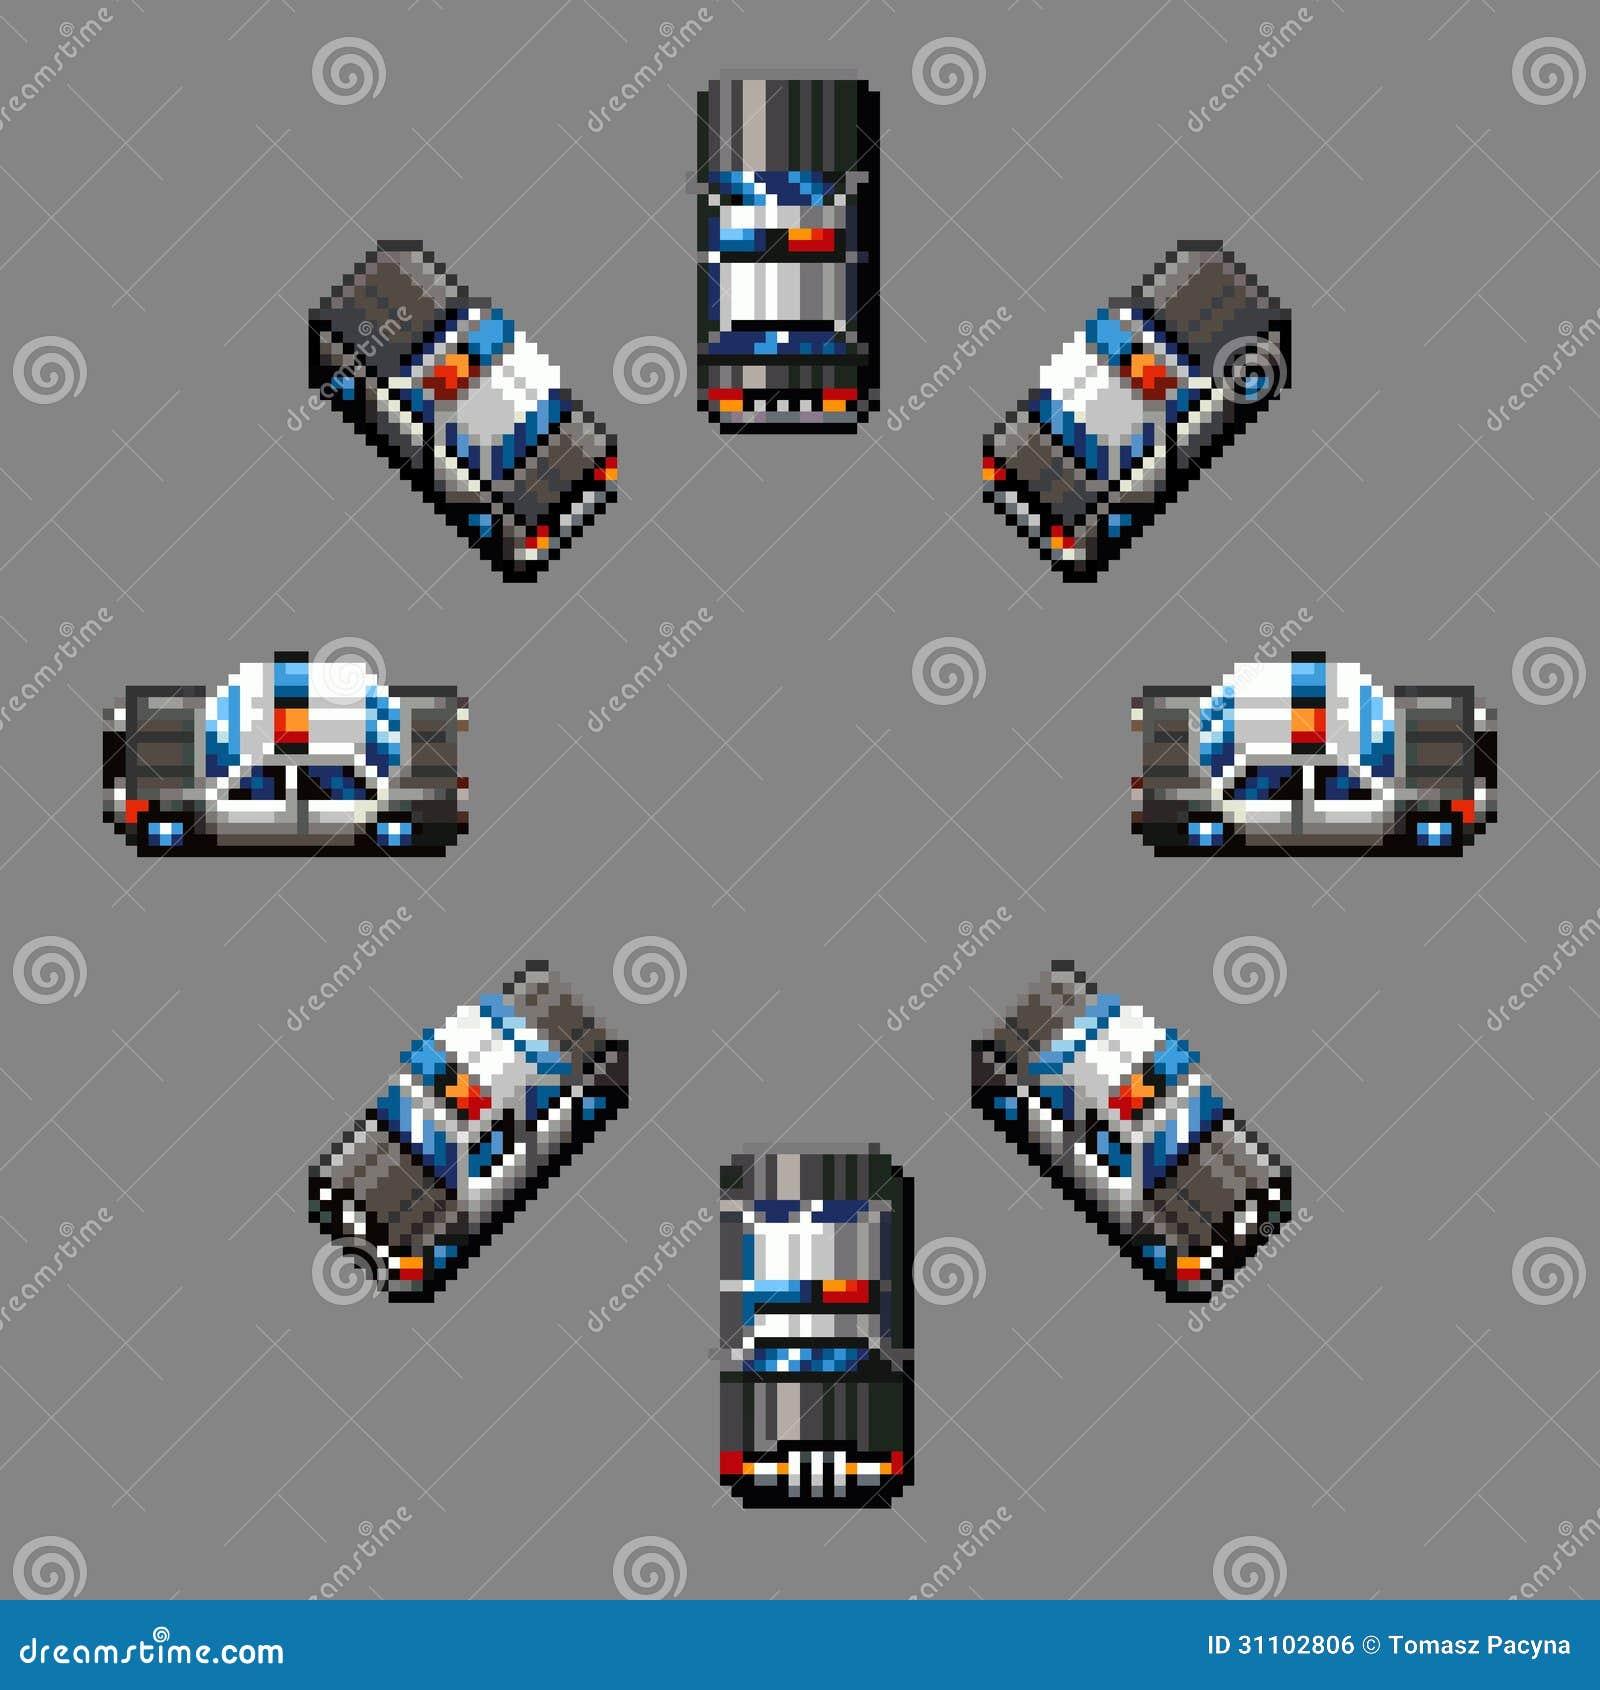 pixel art voiture de police